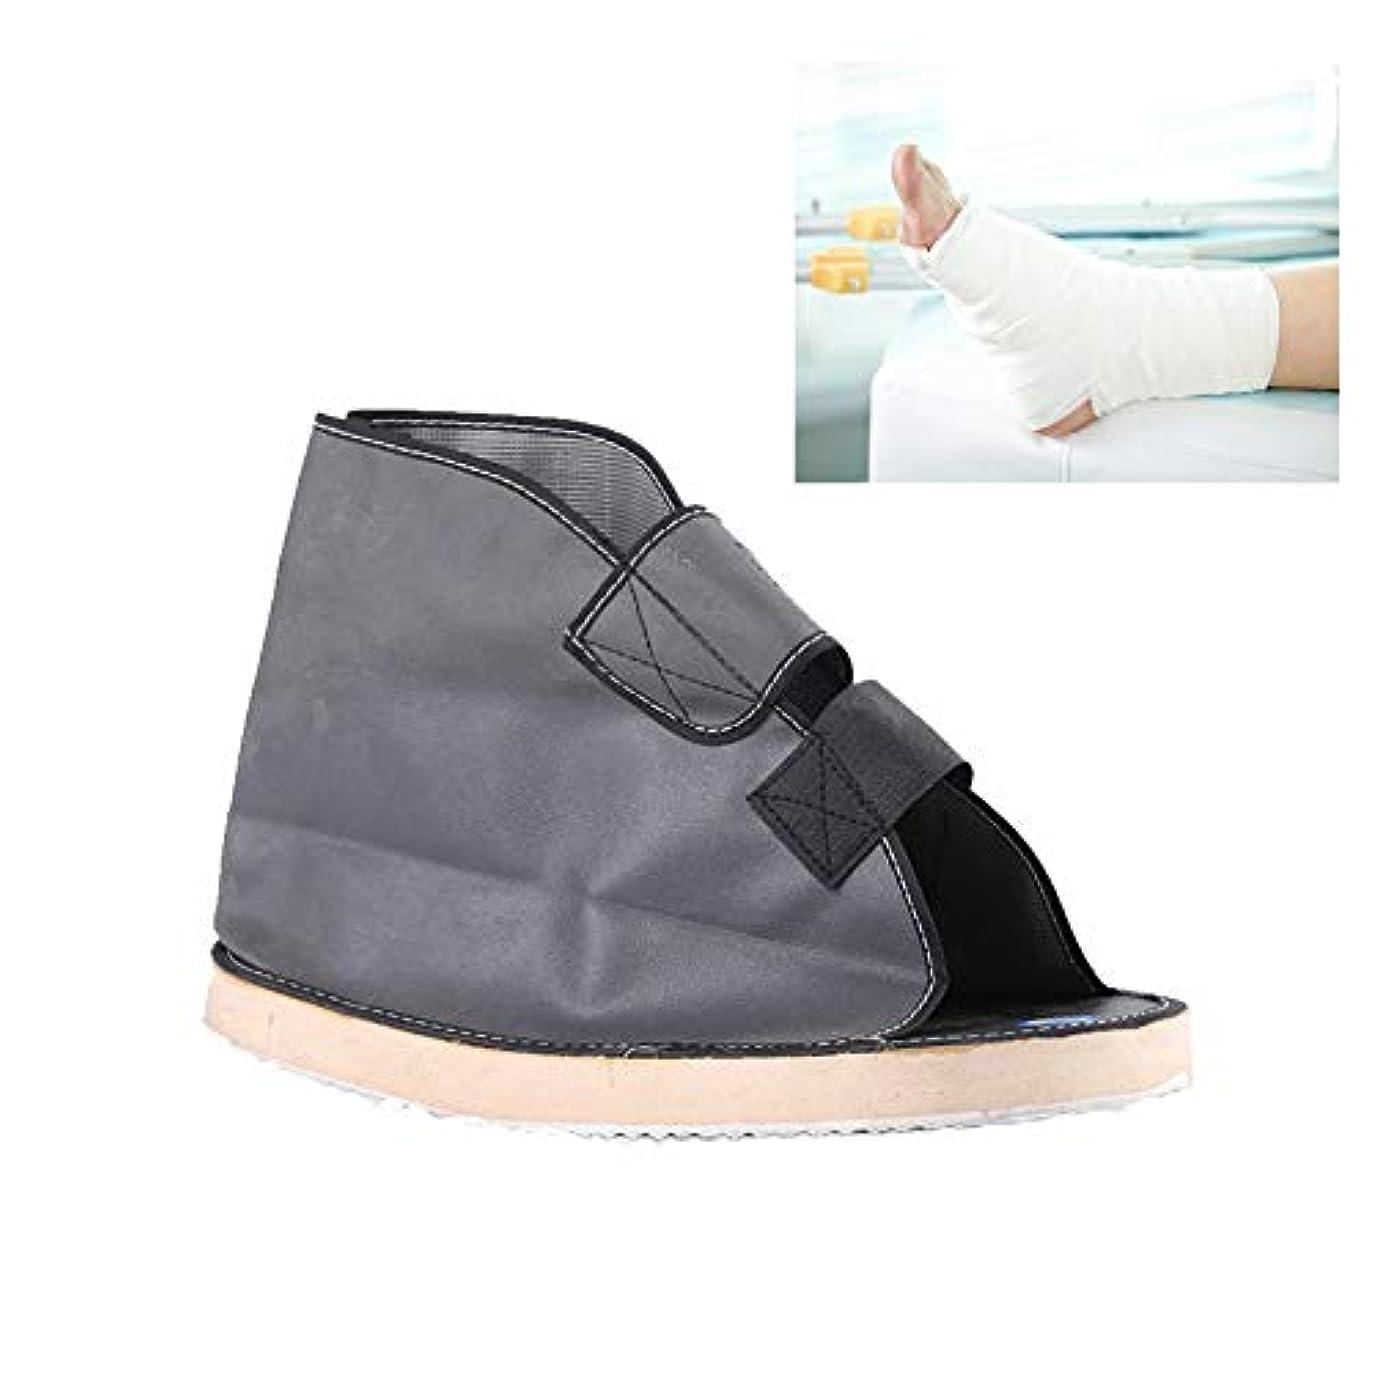 悪性の追うエキサイティングキャスト医療靴術後医療ウォーキングブーツポスト傷害外科的骨折足ウォーキングシューズヒーリングリハビリ石膏靴,L1pc